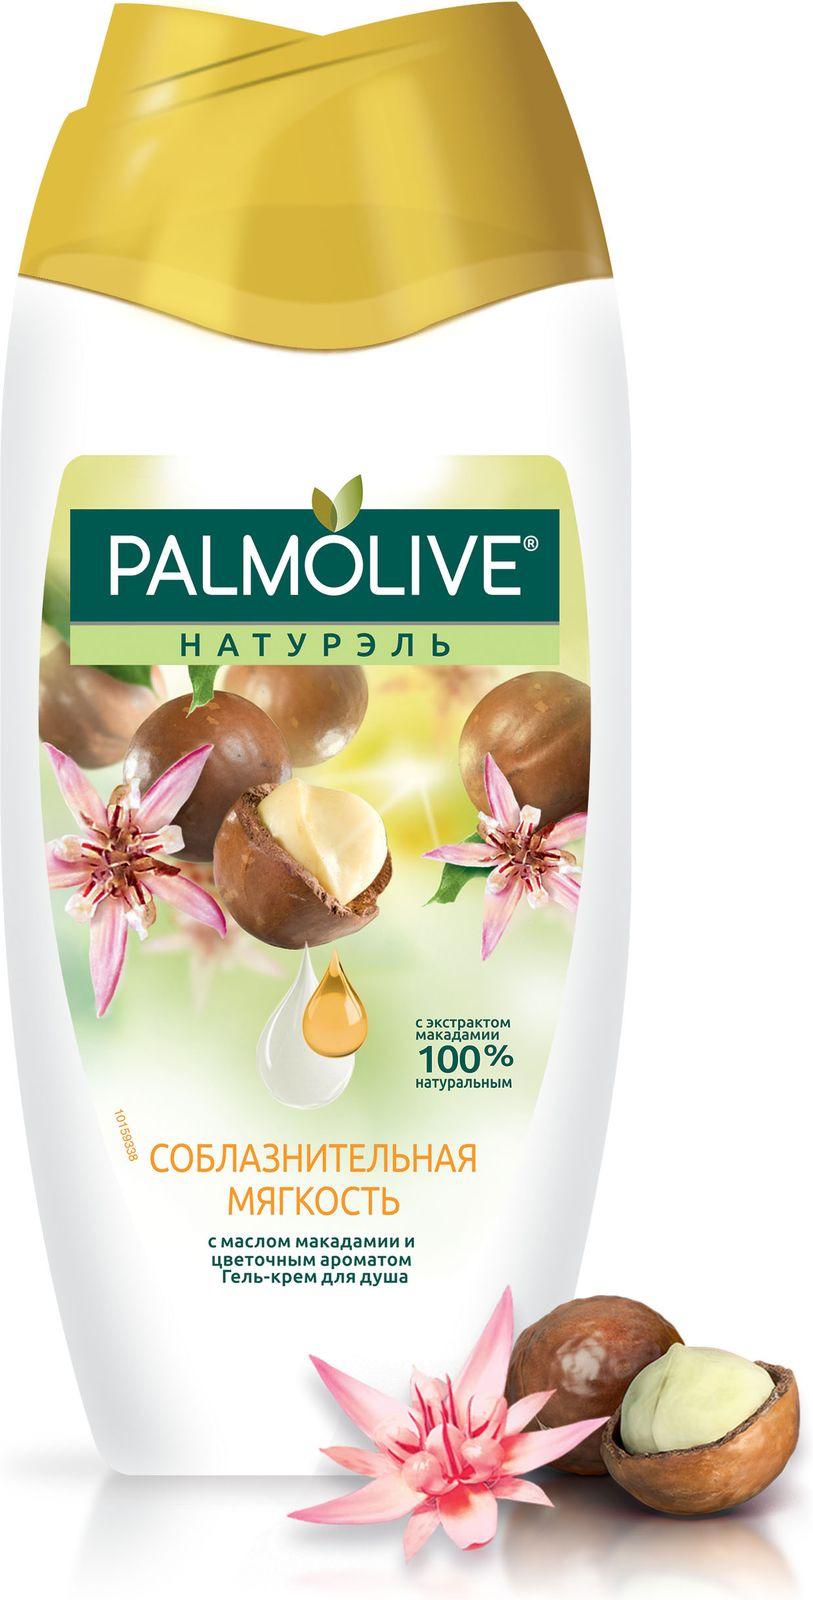 Palmolive Гель для душа Cоблазнительная мягкость макадамия, 250 мл palmolive гель крем для душа натурэль роскошная мягкость черная орхидея и увлажняющее молочко 750 мл